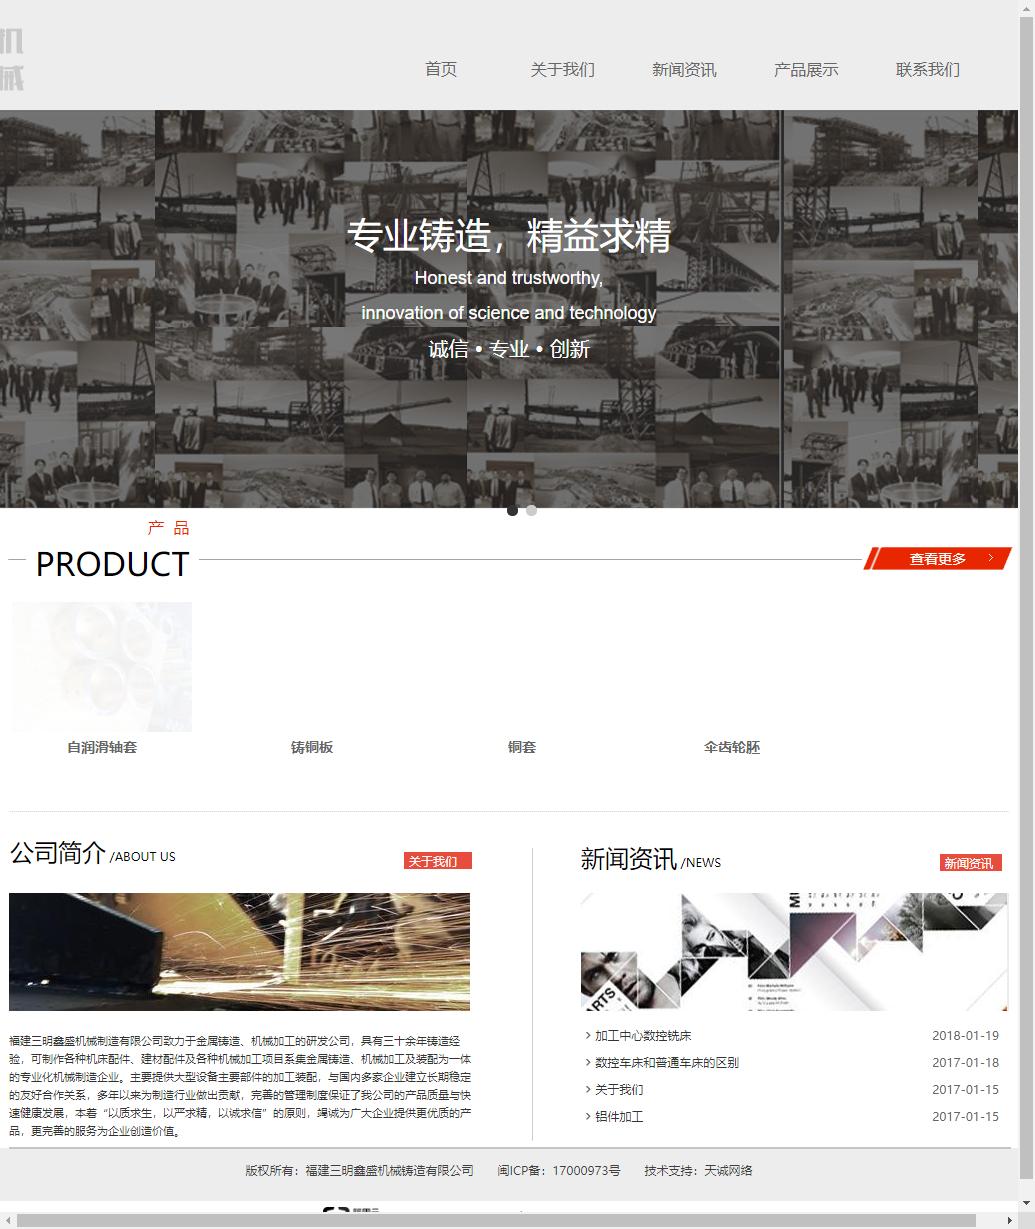 福建三明鑫盛机械制造有限公司网站案例